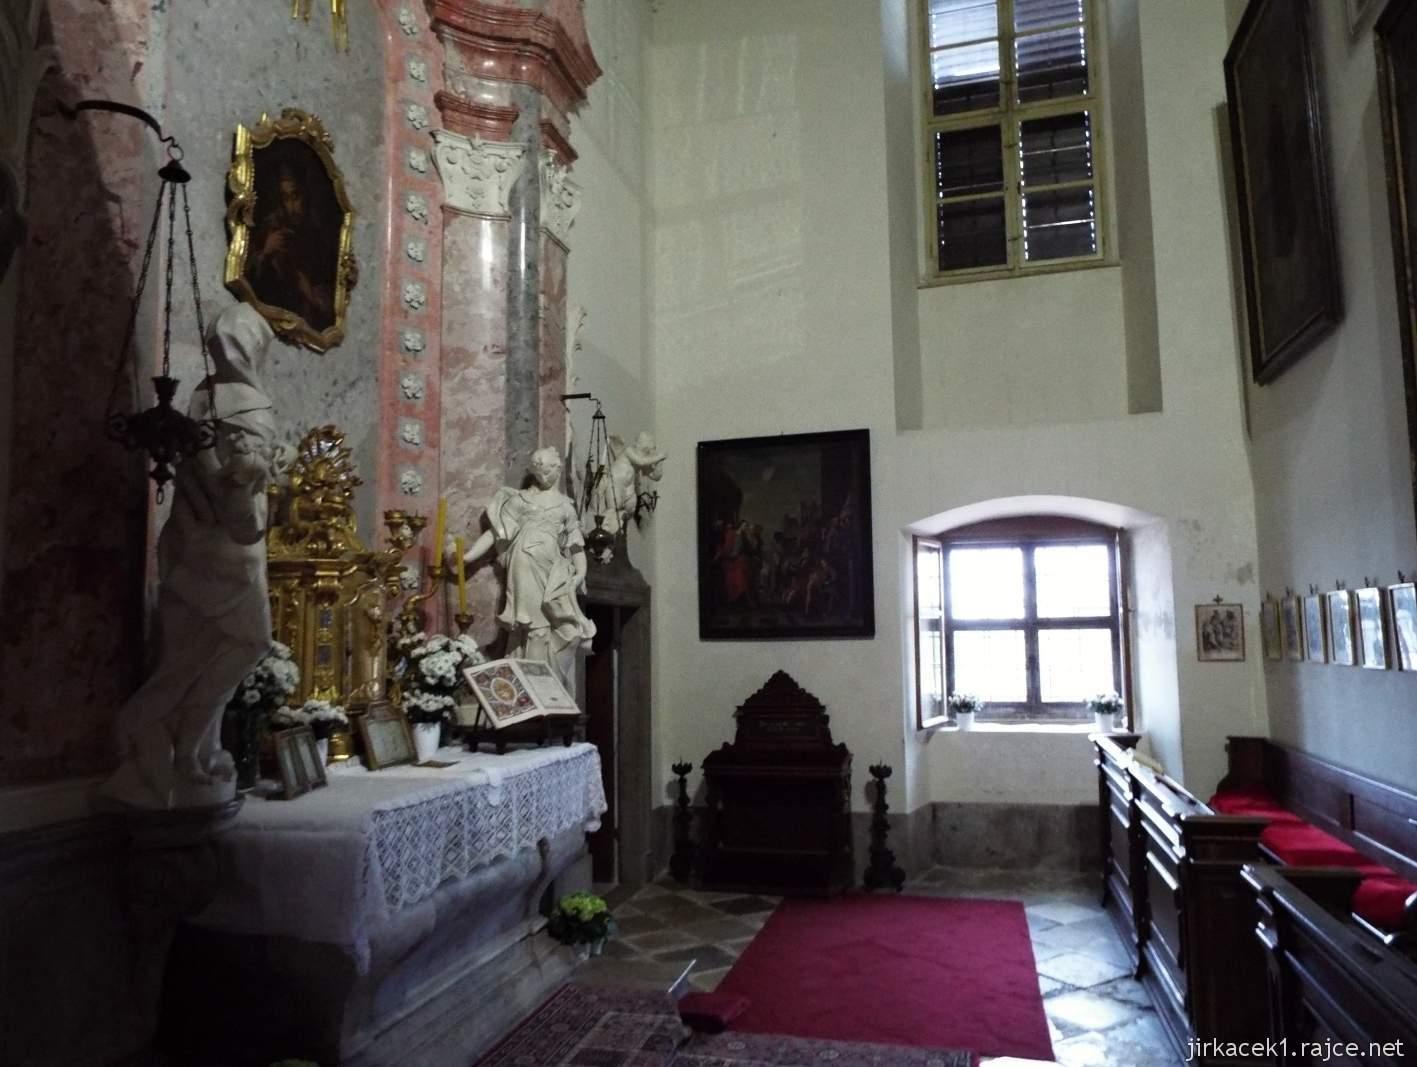 zámek Milotice 62 - interiéry - Kaple Panny Marie a sv. Jana Nepomuckého